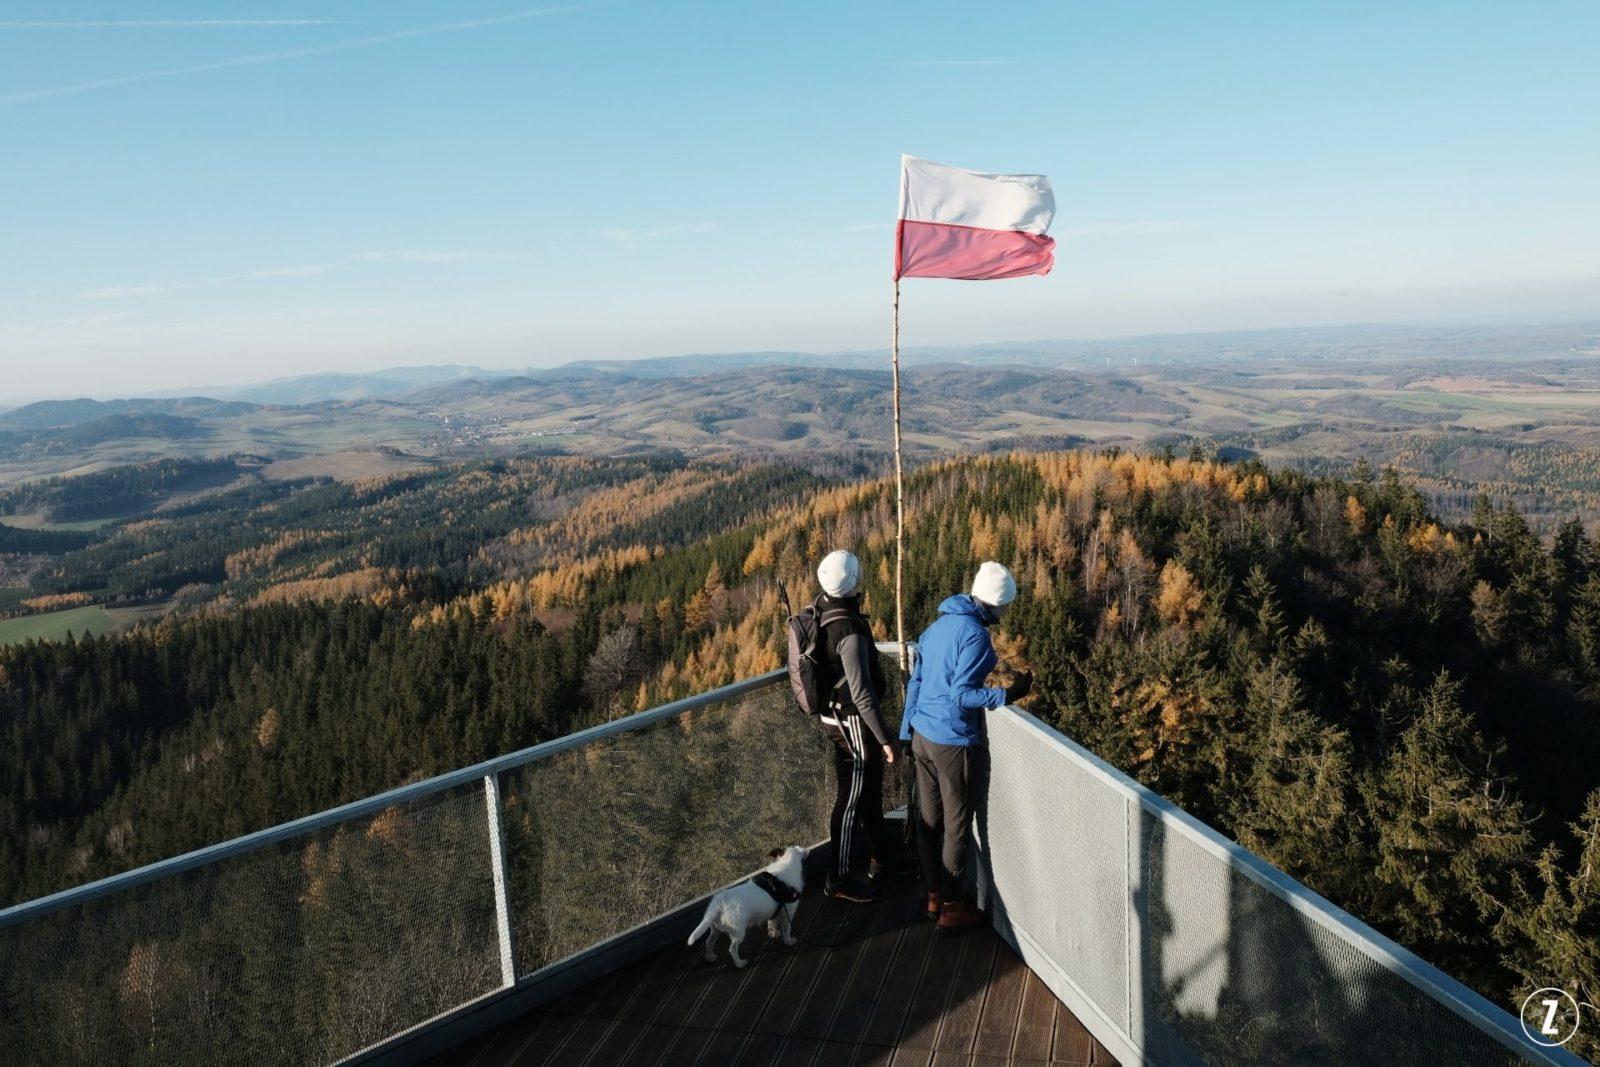 Boguszów-Gorce, Chełmiec, Dzień Niepodległości, góry, Góry Wałbrzyskie, listopad, szlak turystyczny, Trójgarb, Witków Śląski, flaga Polski, obywatel